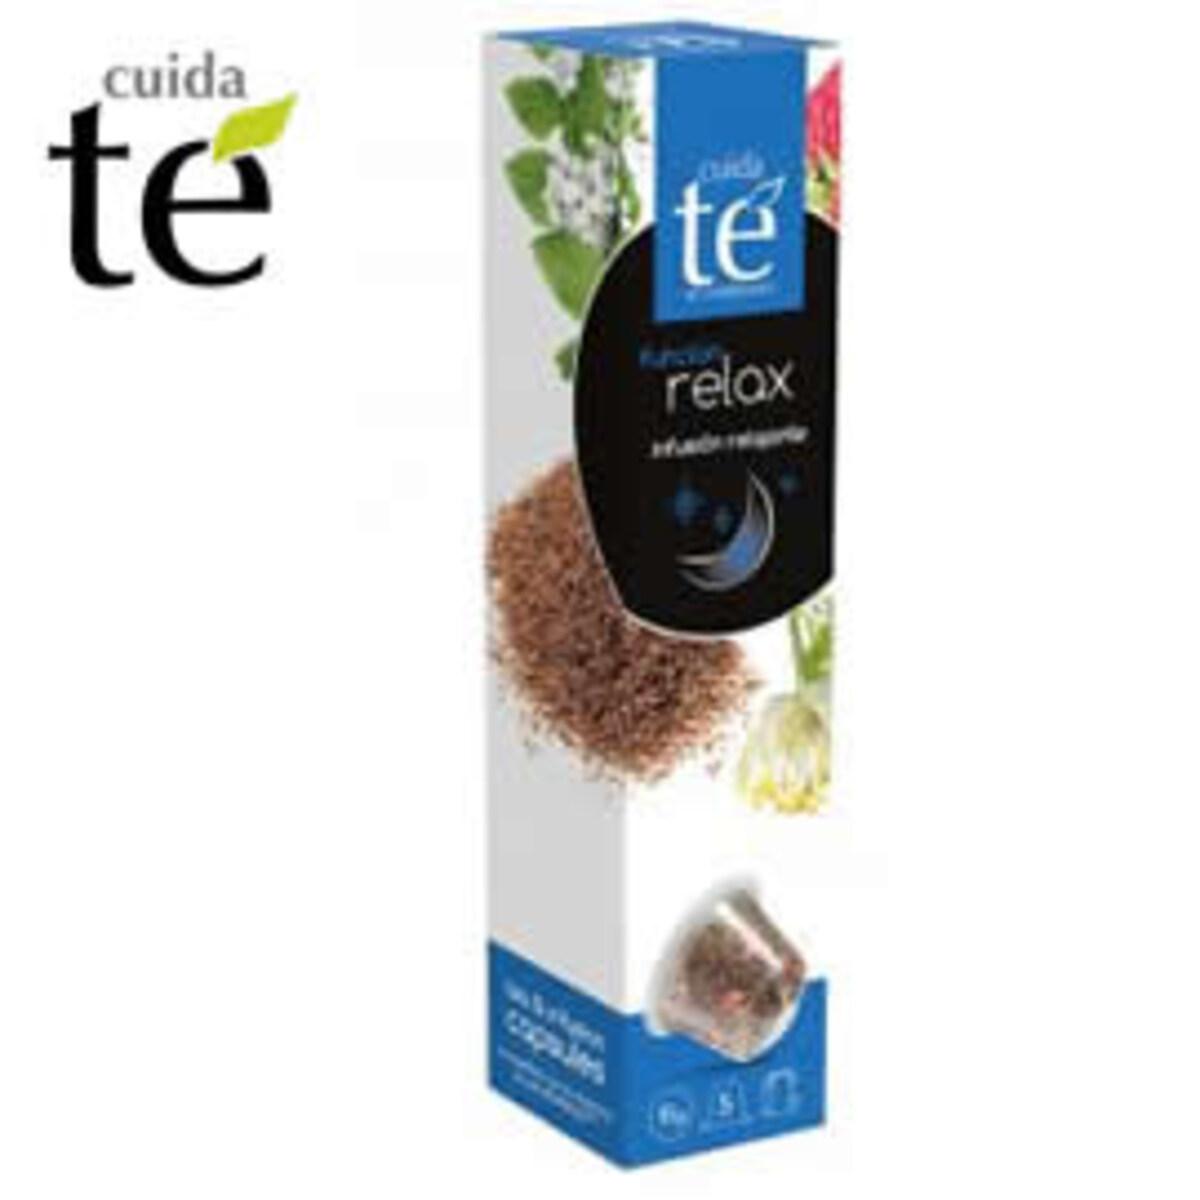 Cuida Te Relax - Неспресо съвместима капсула релаксиращ чай